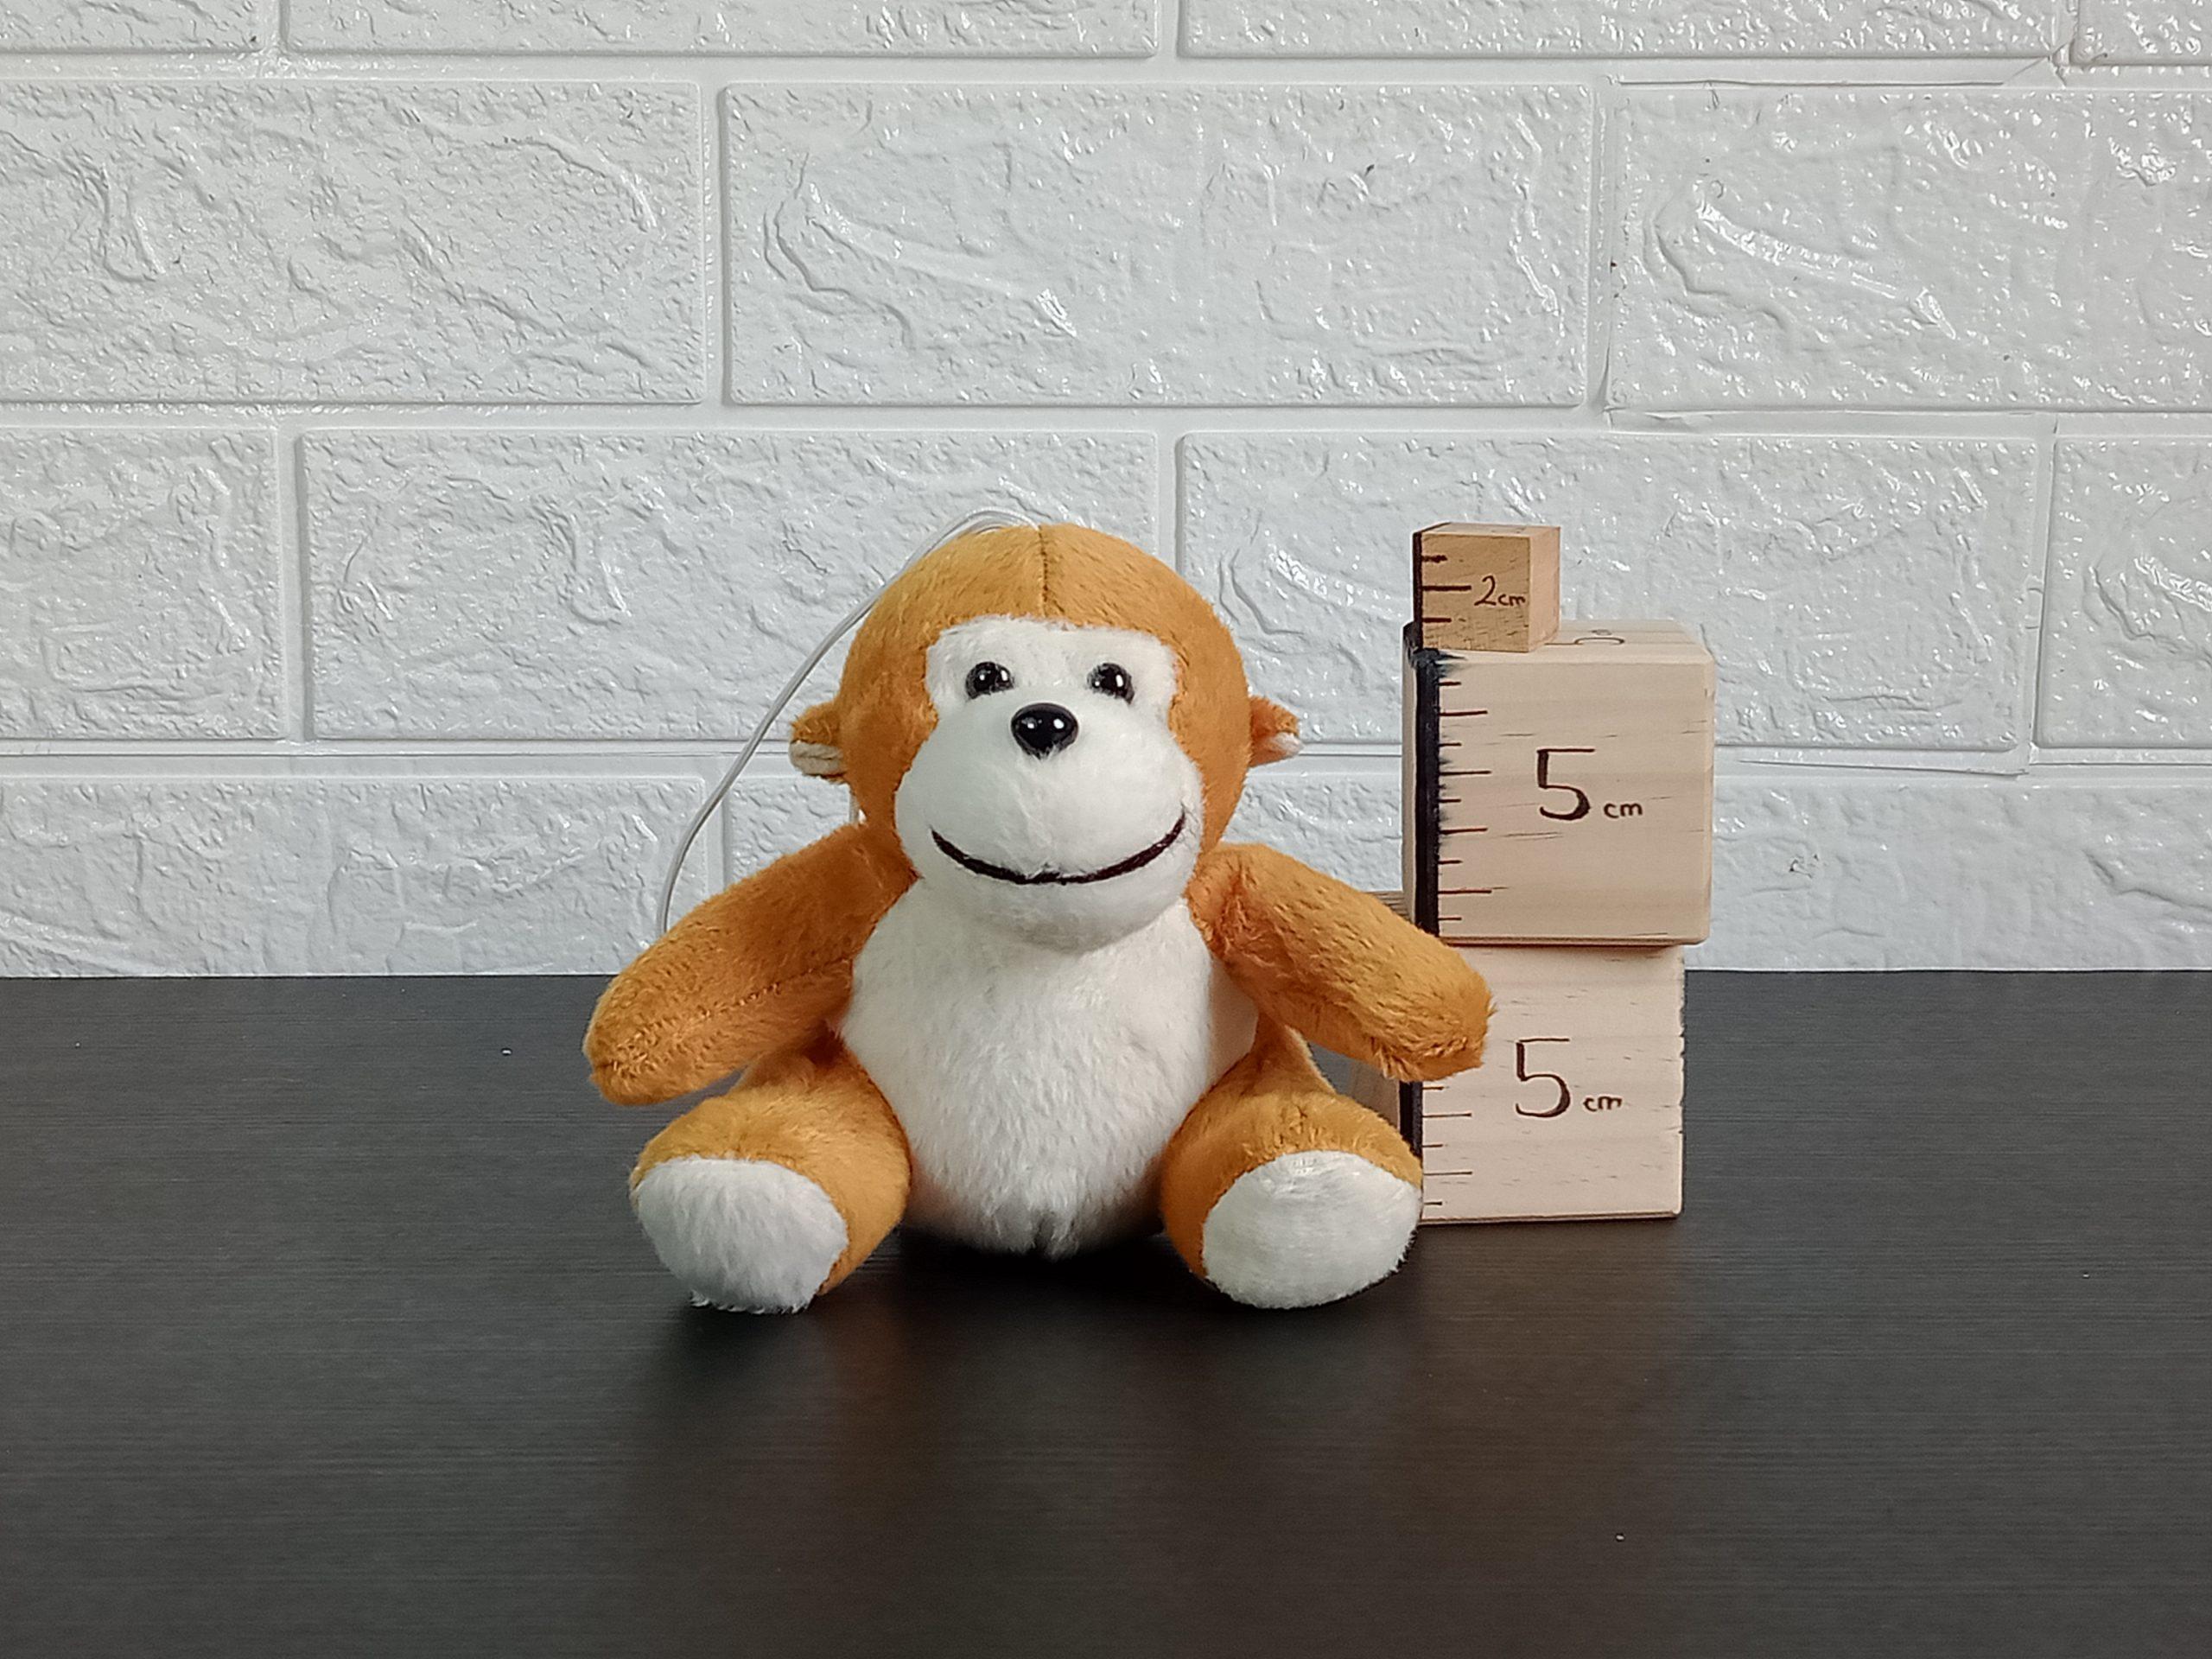 Animal Monkey Image